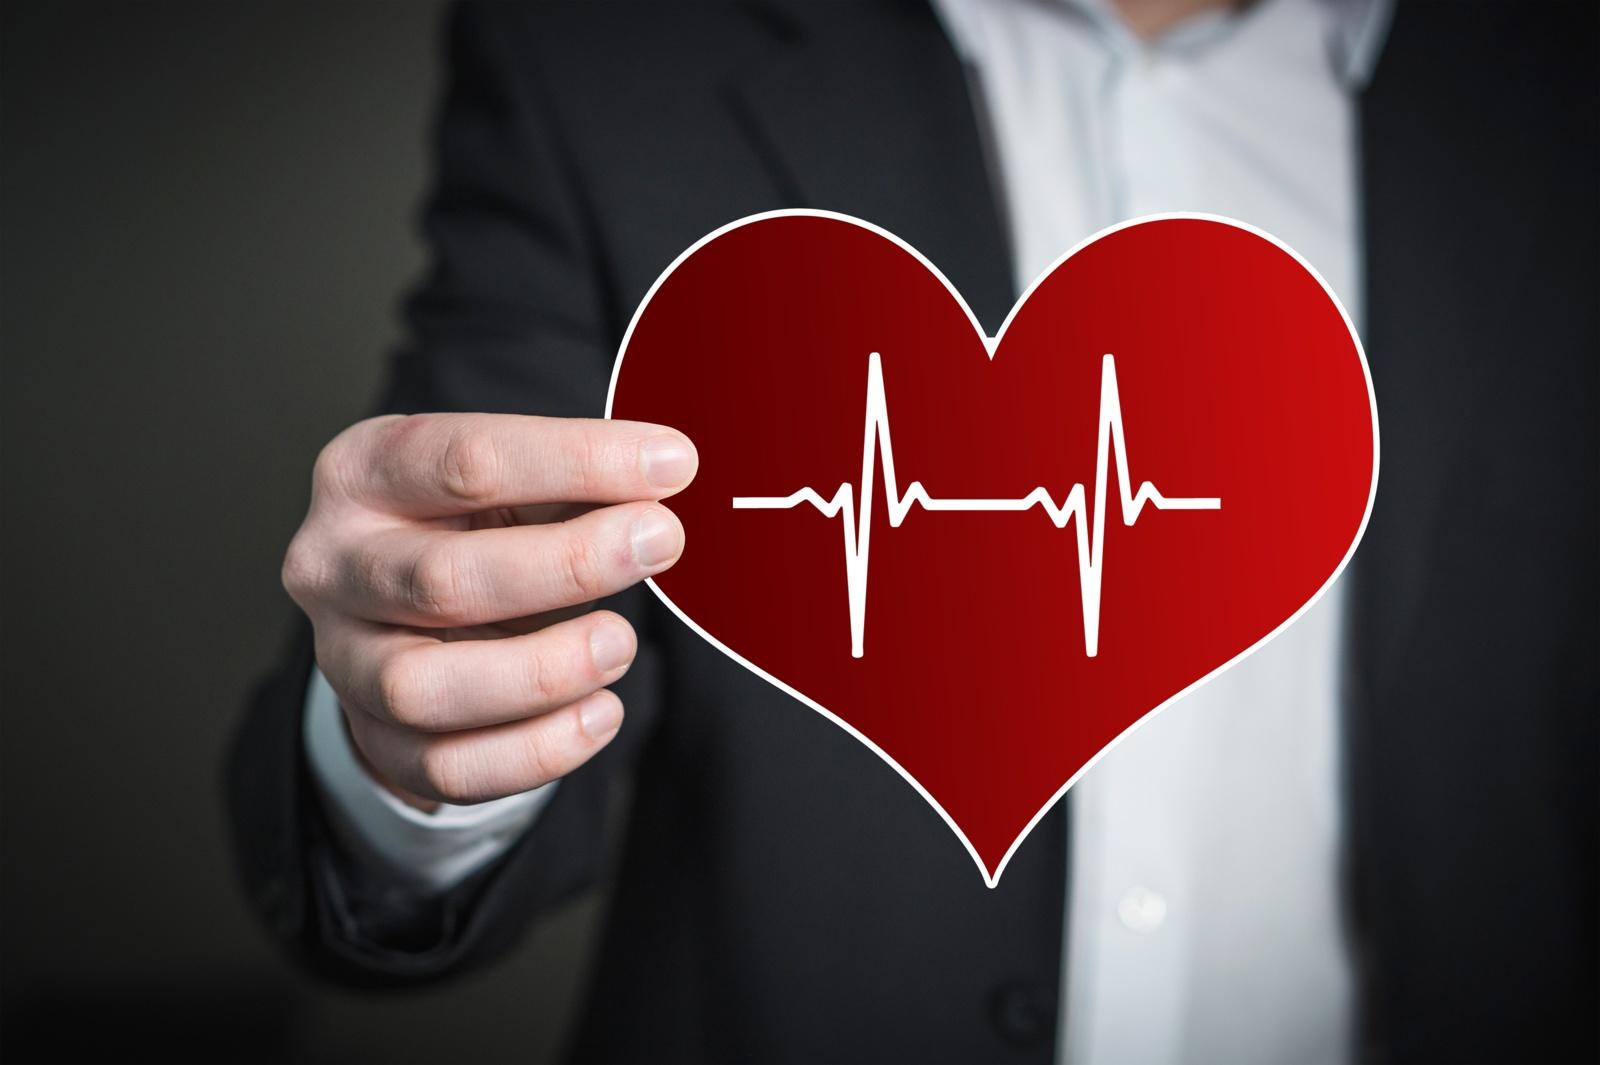 priemonės hipertenzijai gydyti